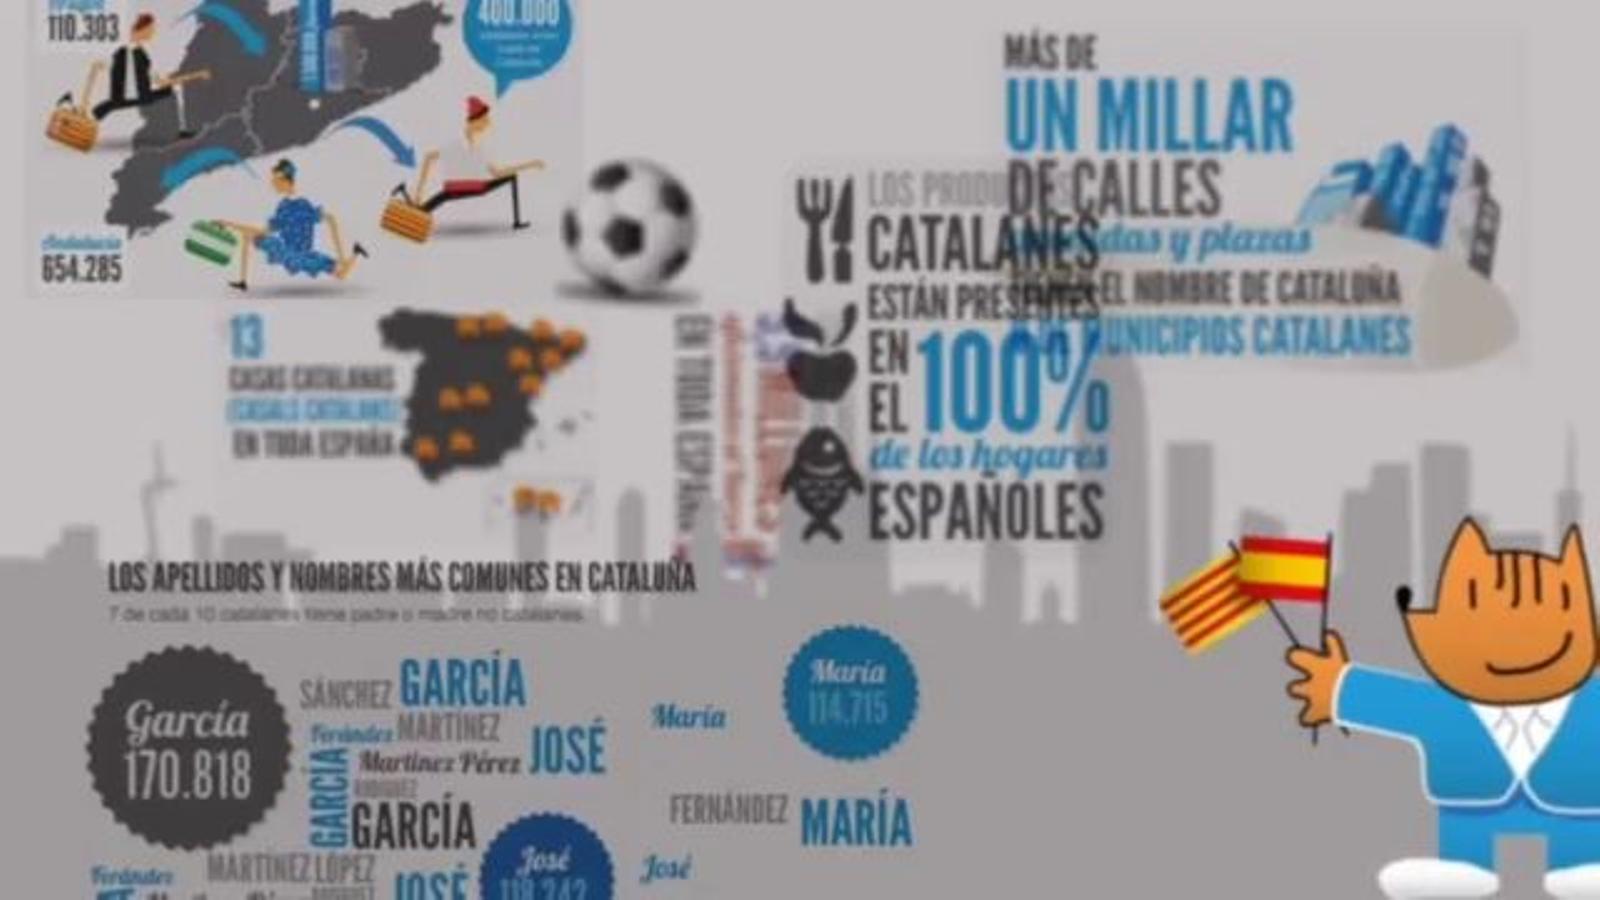 Vídeo del PP 'Nos gusta Cataluña, ens agrada Catalunya', en què apareix la imatge del Cobi